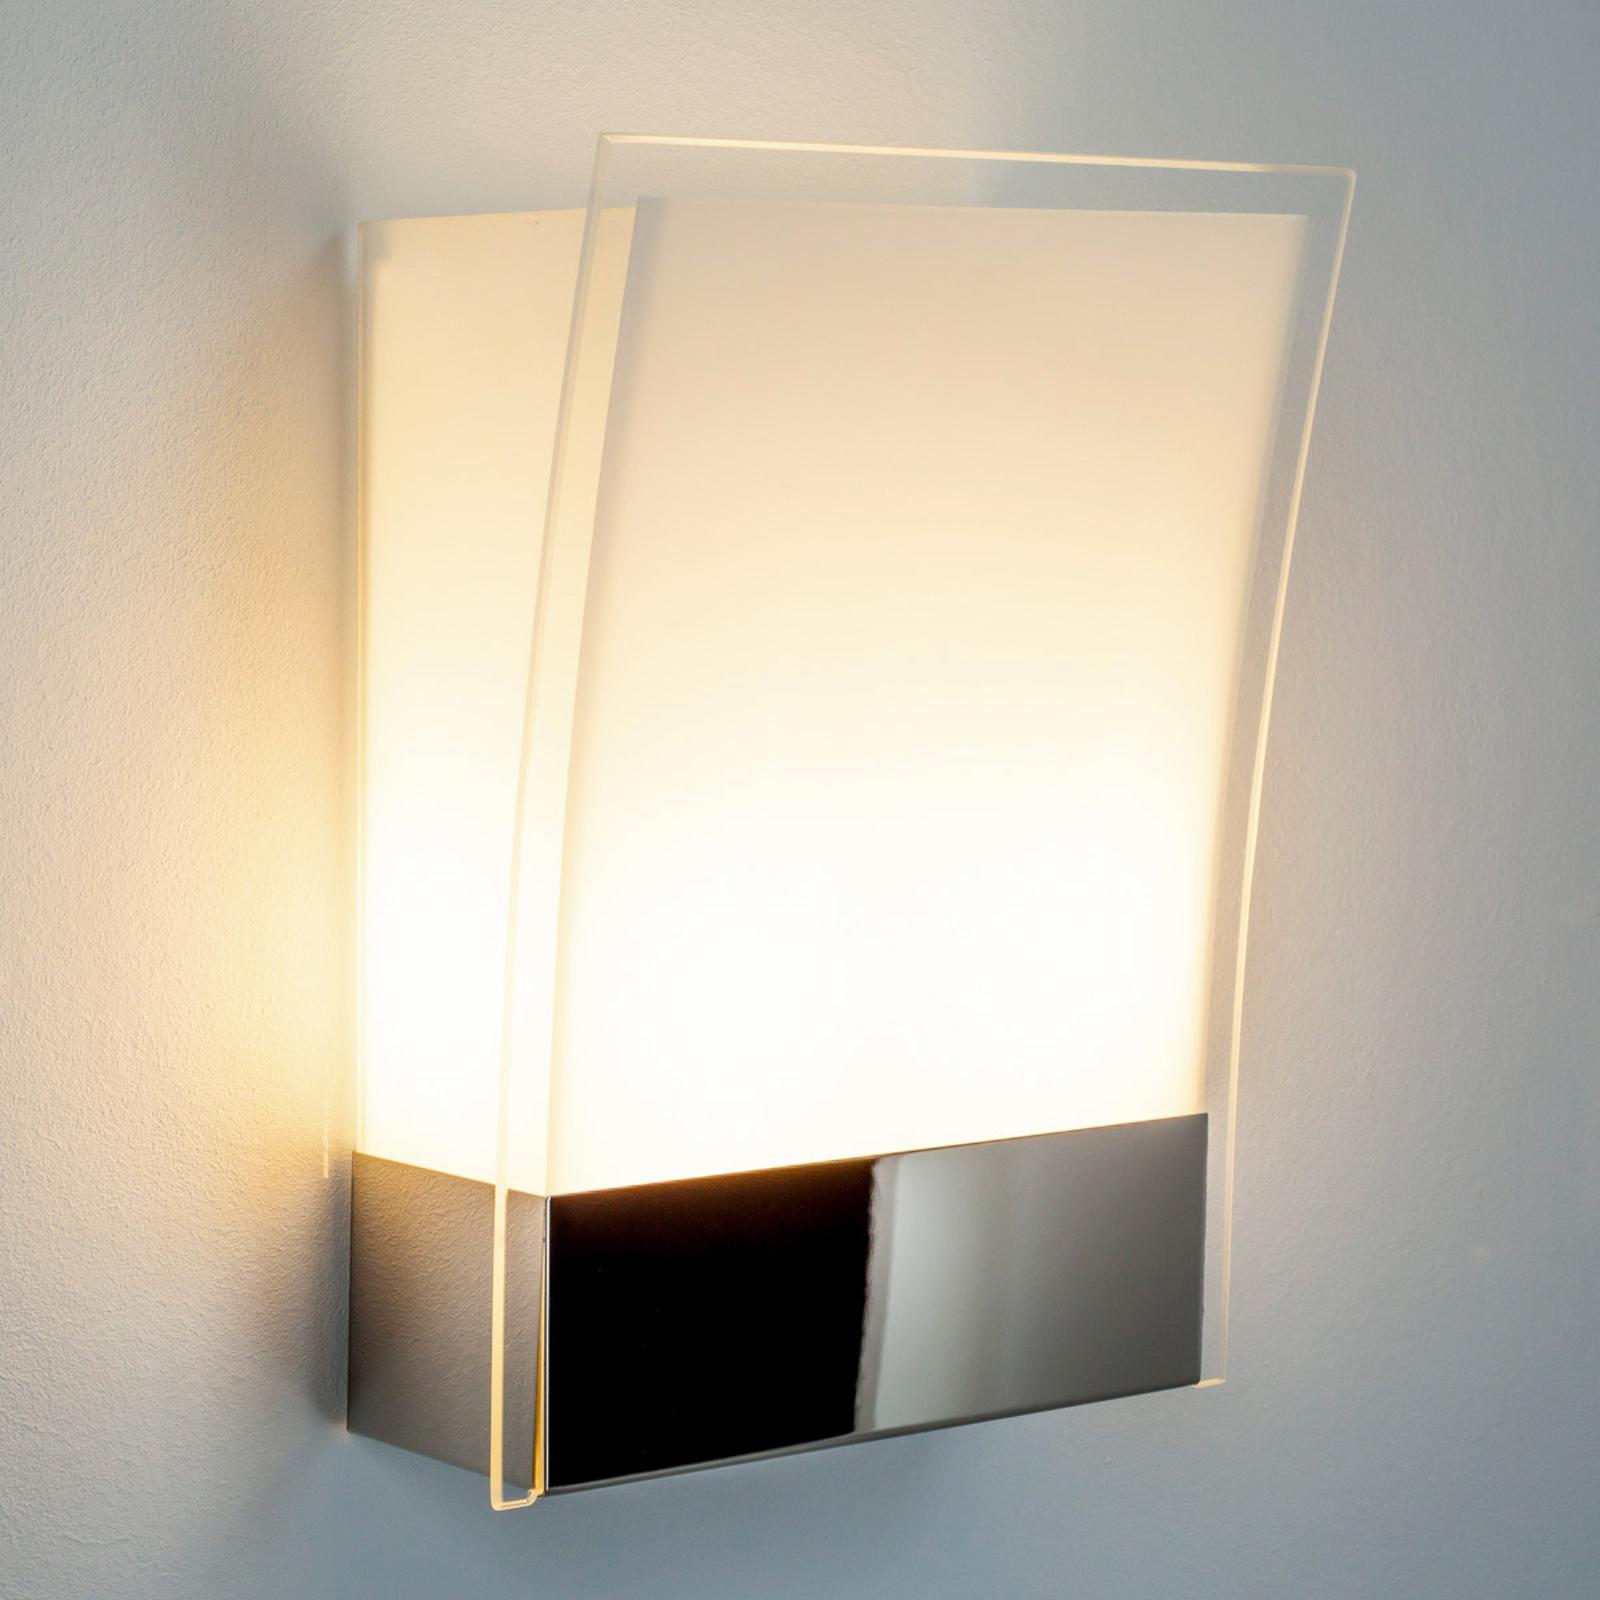 Applique moderna Malthe in vetro e metallo